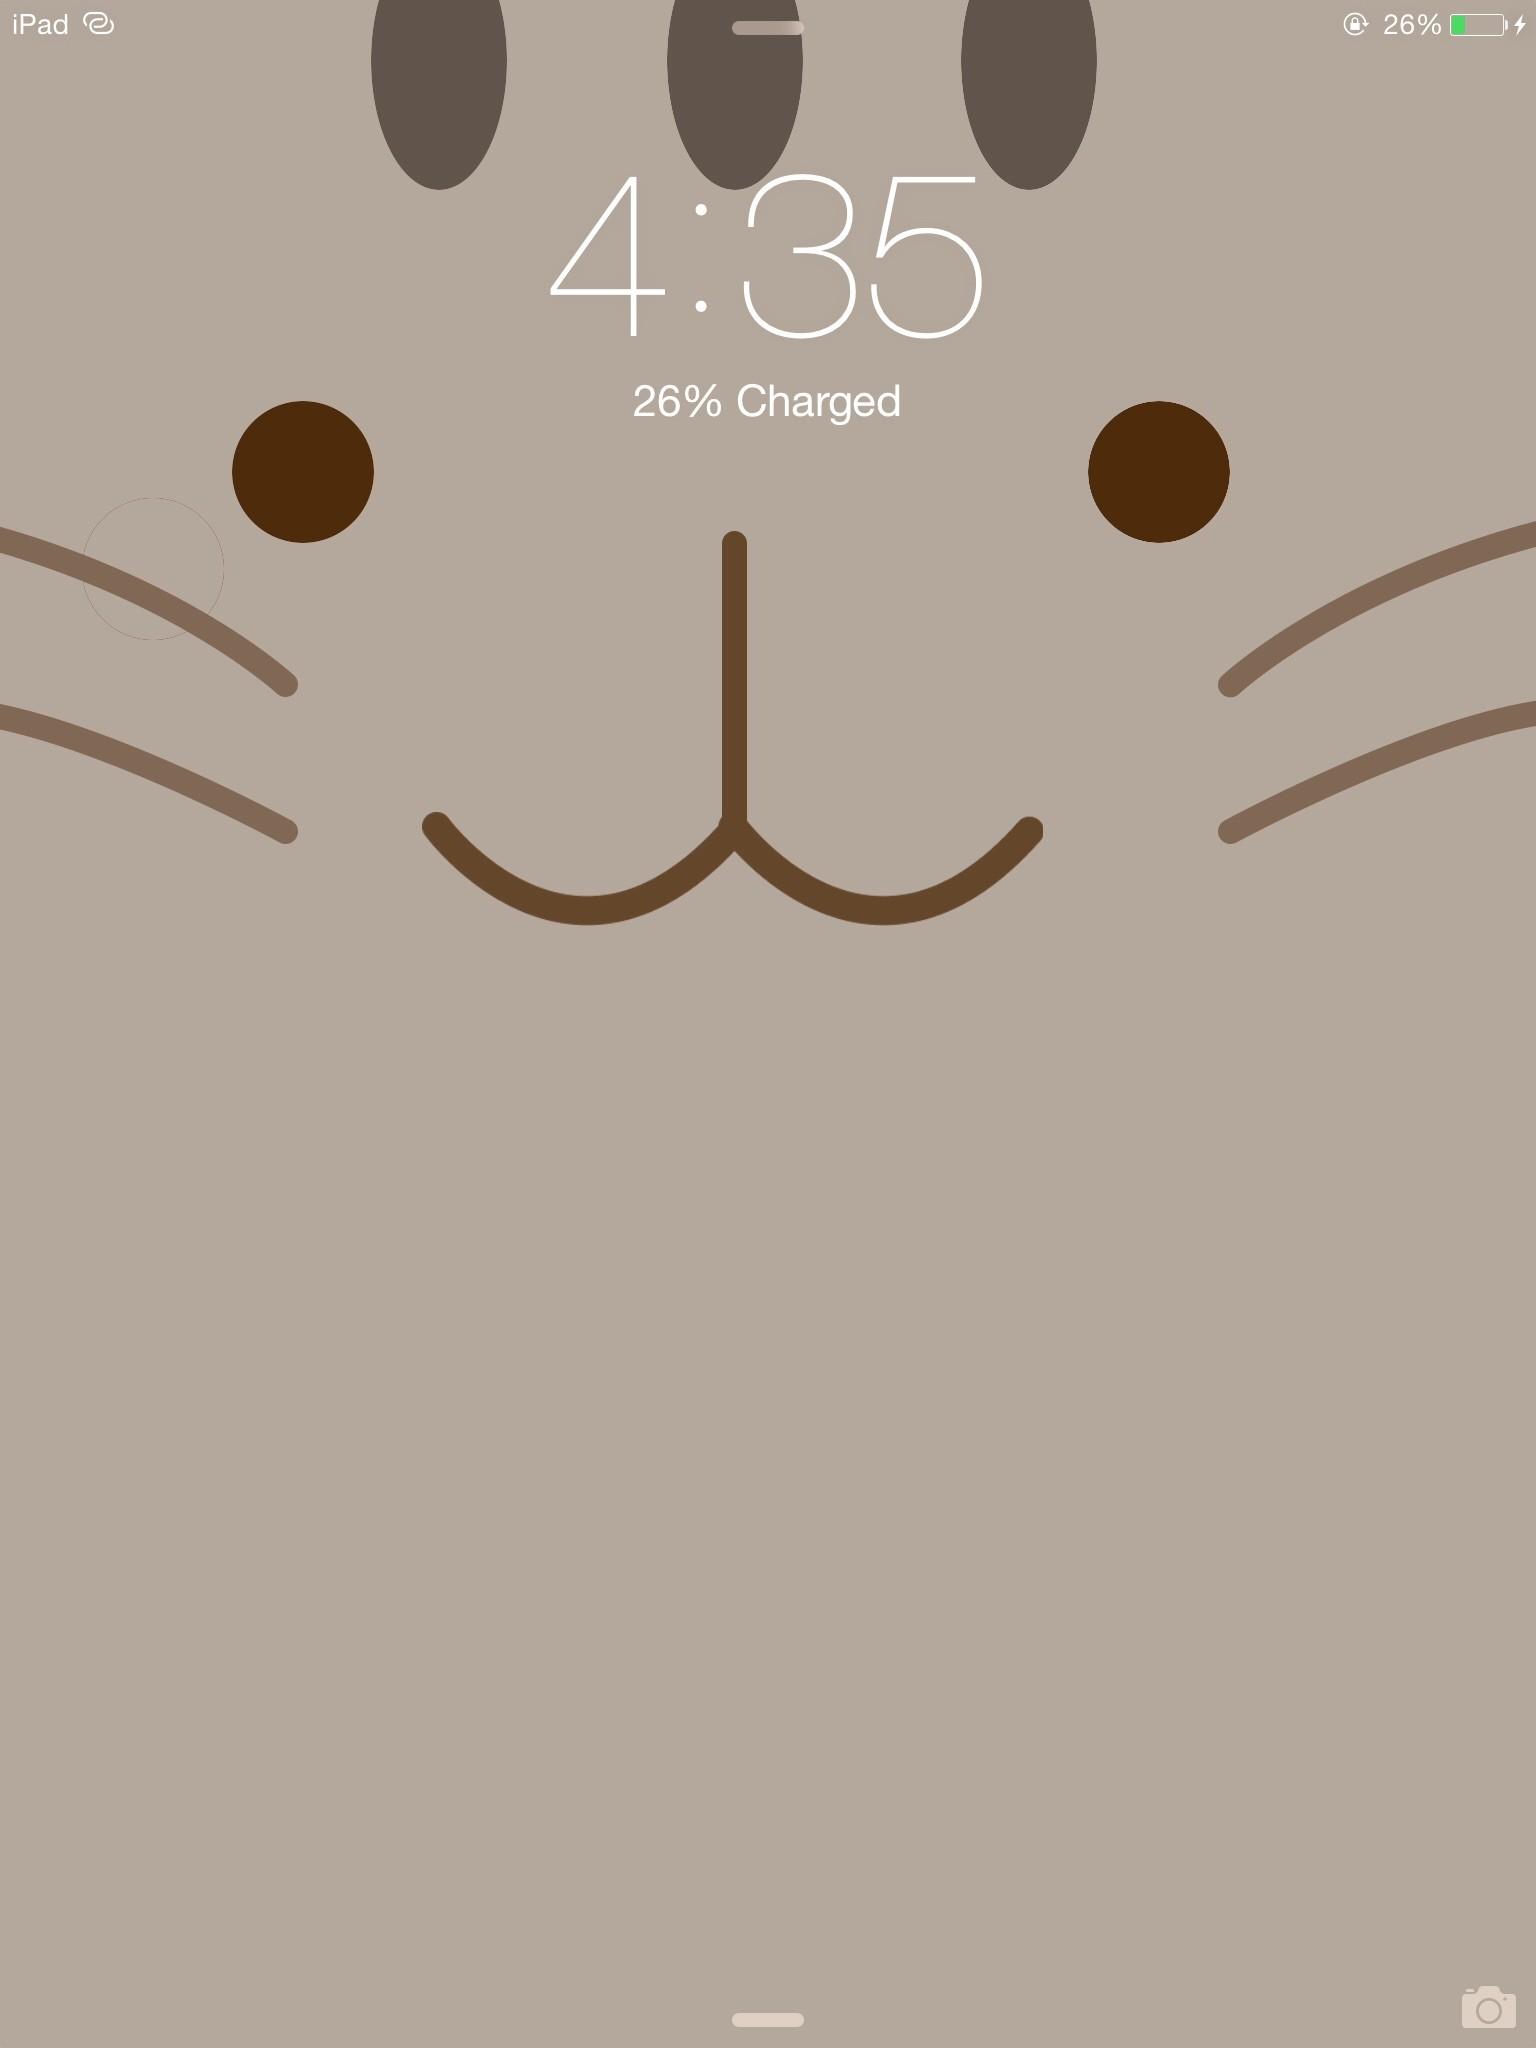 Pusheen cat desktop wallpaper 59 images - Pusheen ipad wallpaper ...